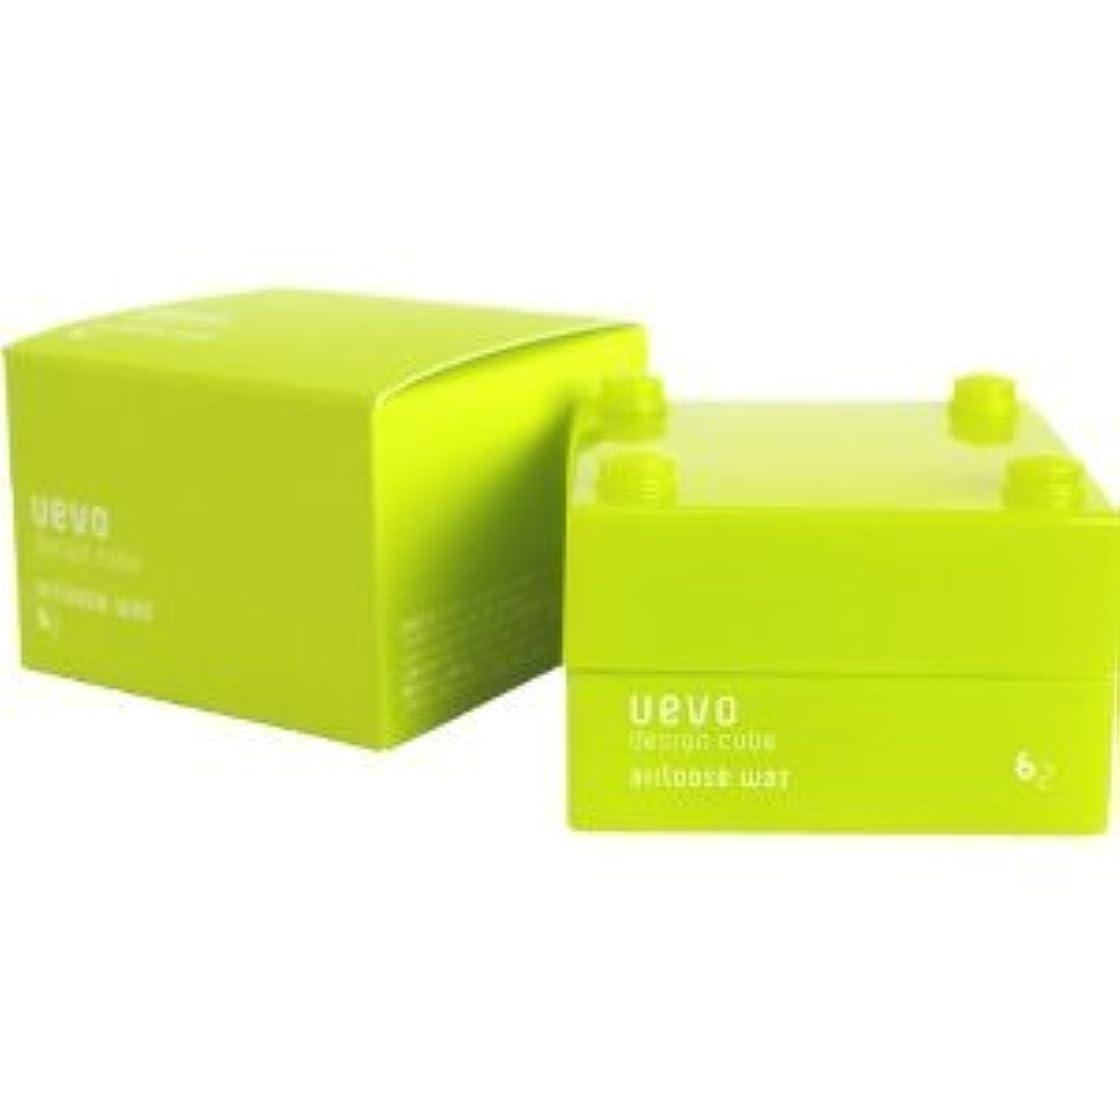 悪の神秘確立【X2個セット】 デミ ウェーボ デザインキューブ エアルーズワックス 30g airloose wax DEMI uevo design cube